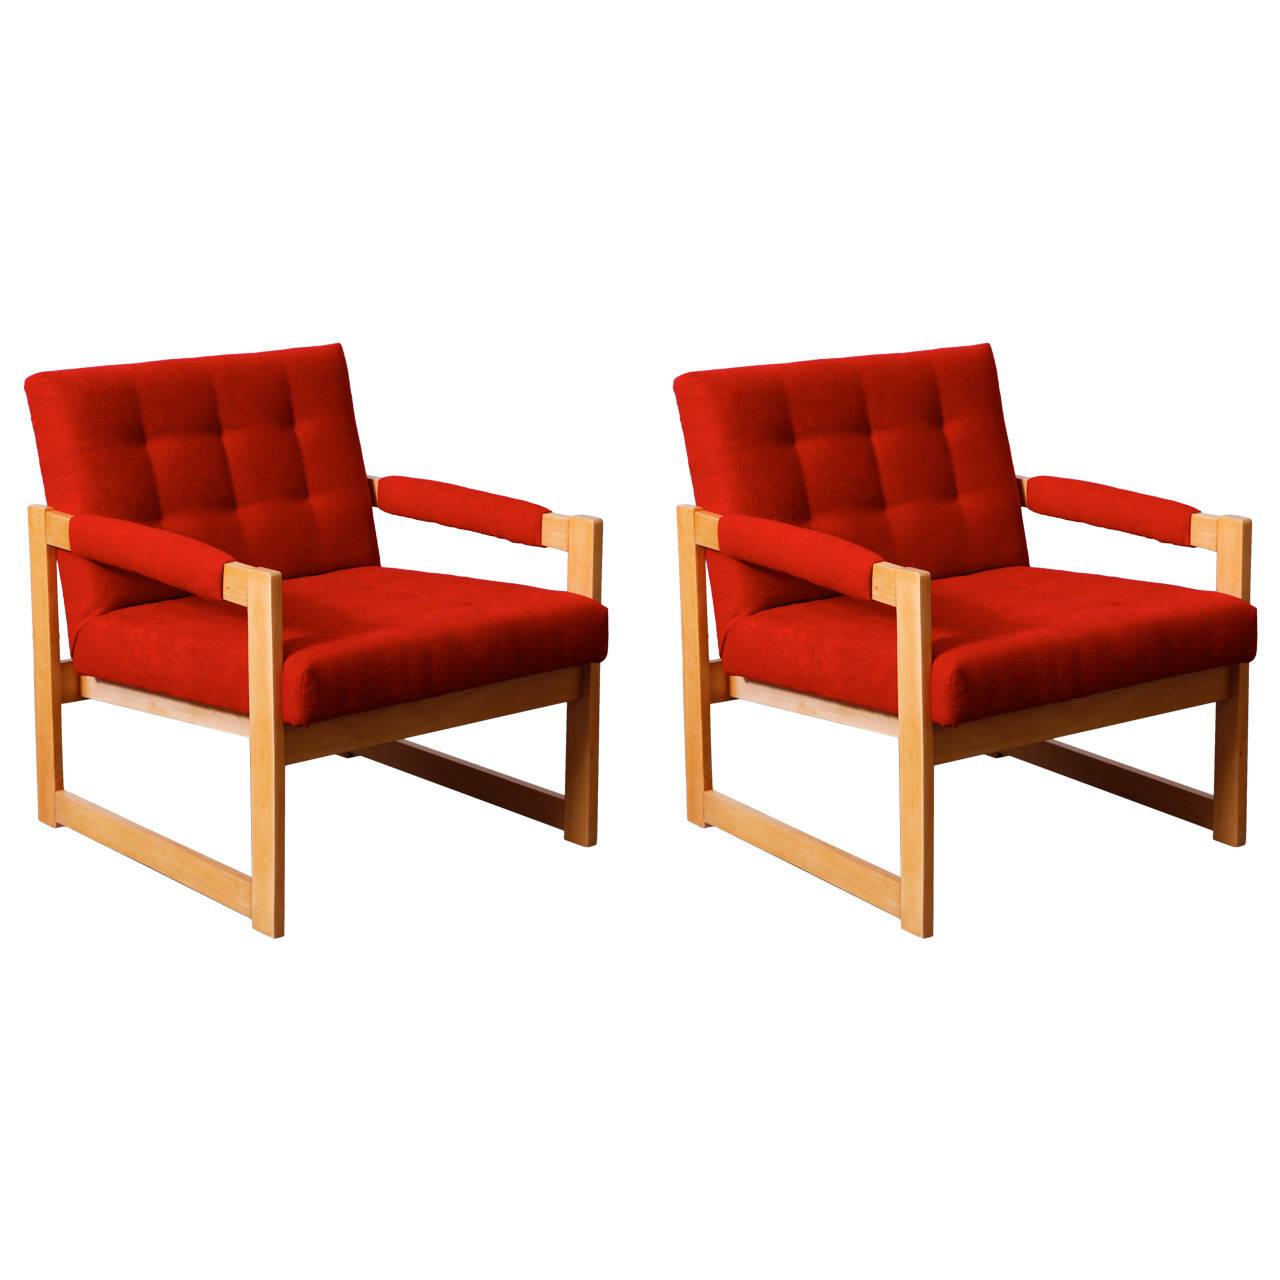 Mid Century Modern Armchairs: Pair Of 1960s Armchairs Mid Century Modern Design